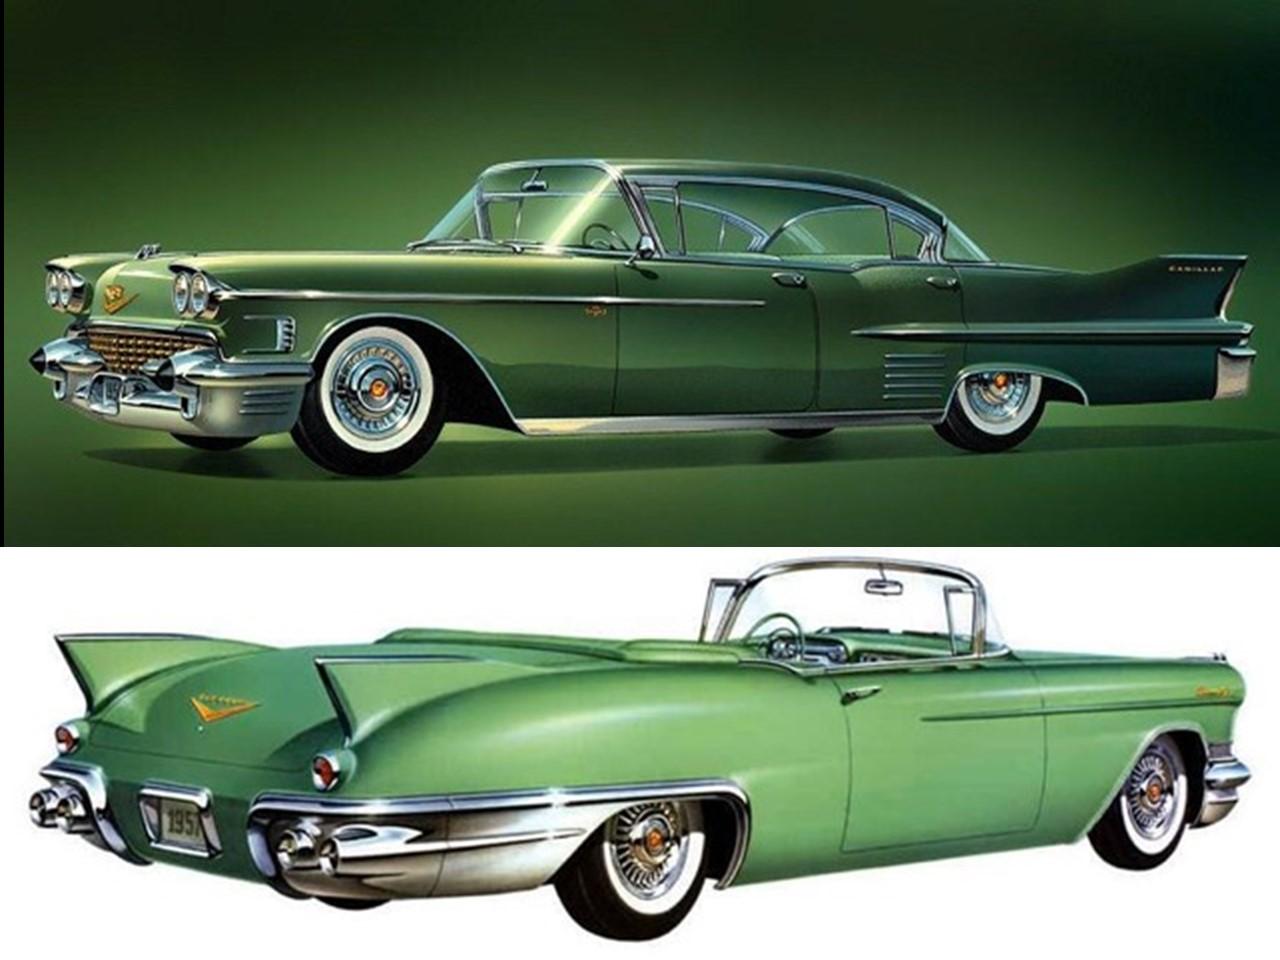 1957 and 1958 Cadillac